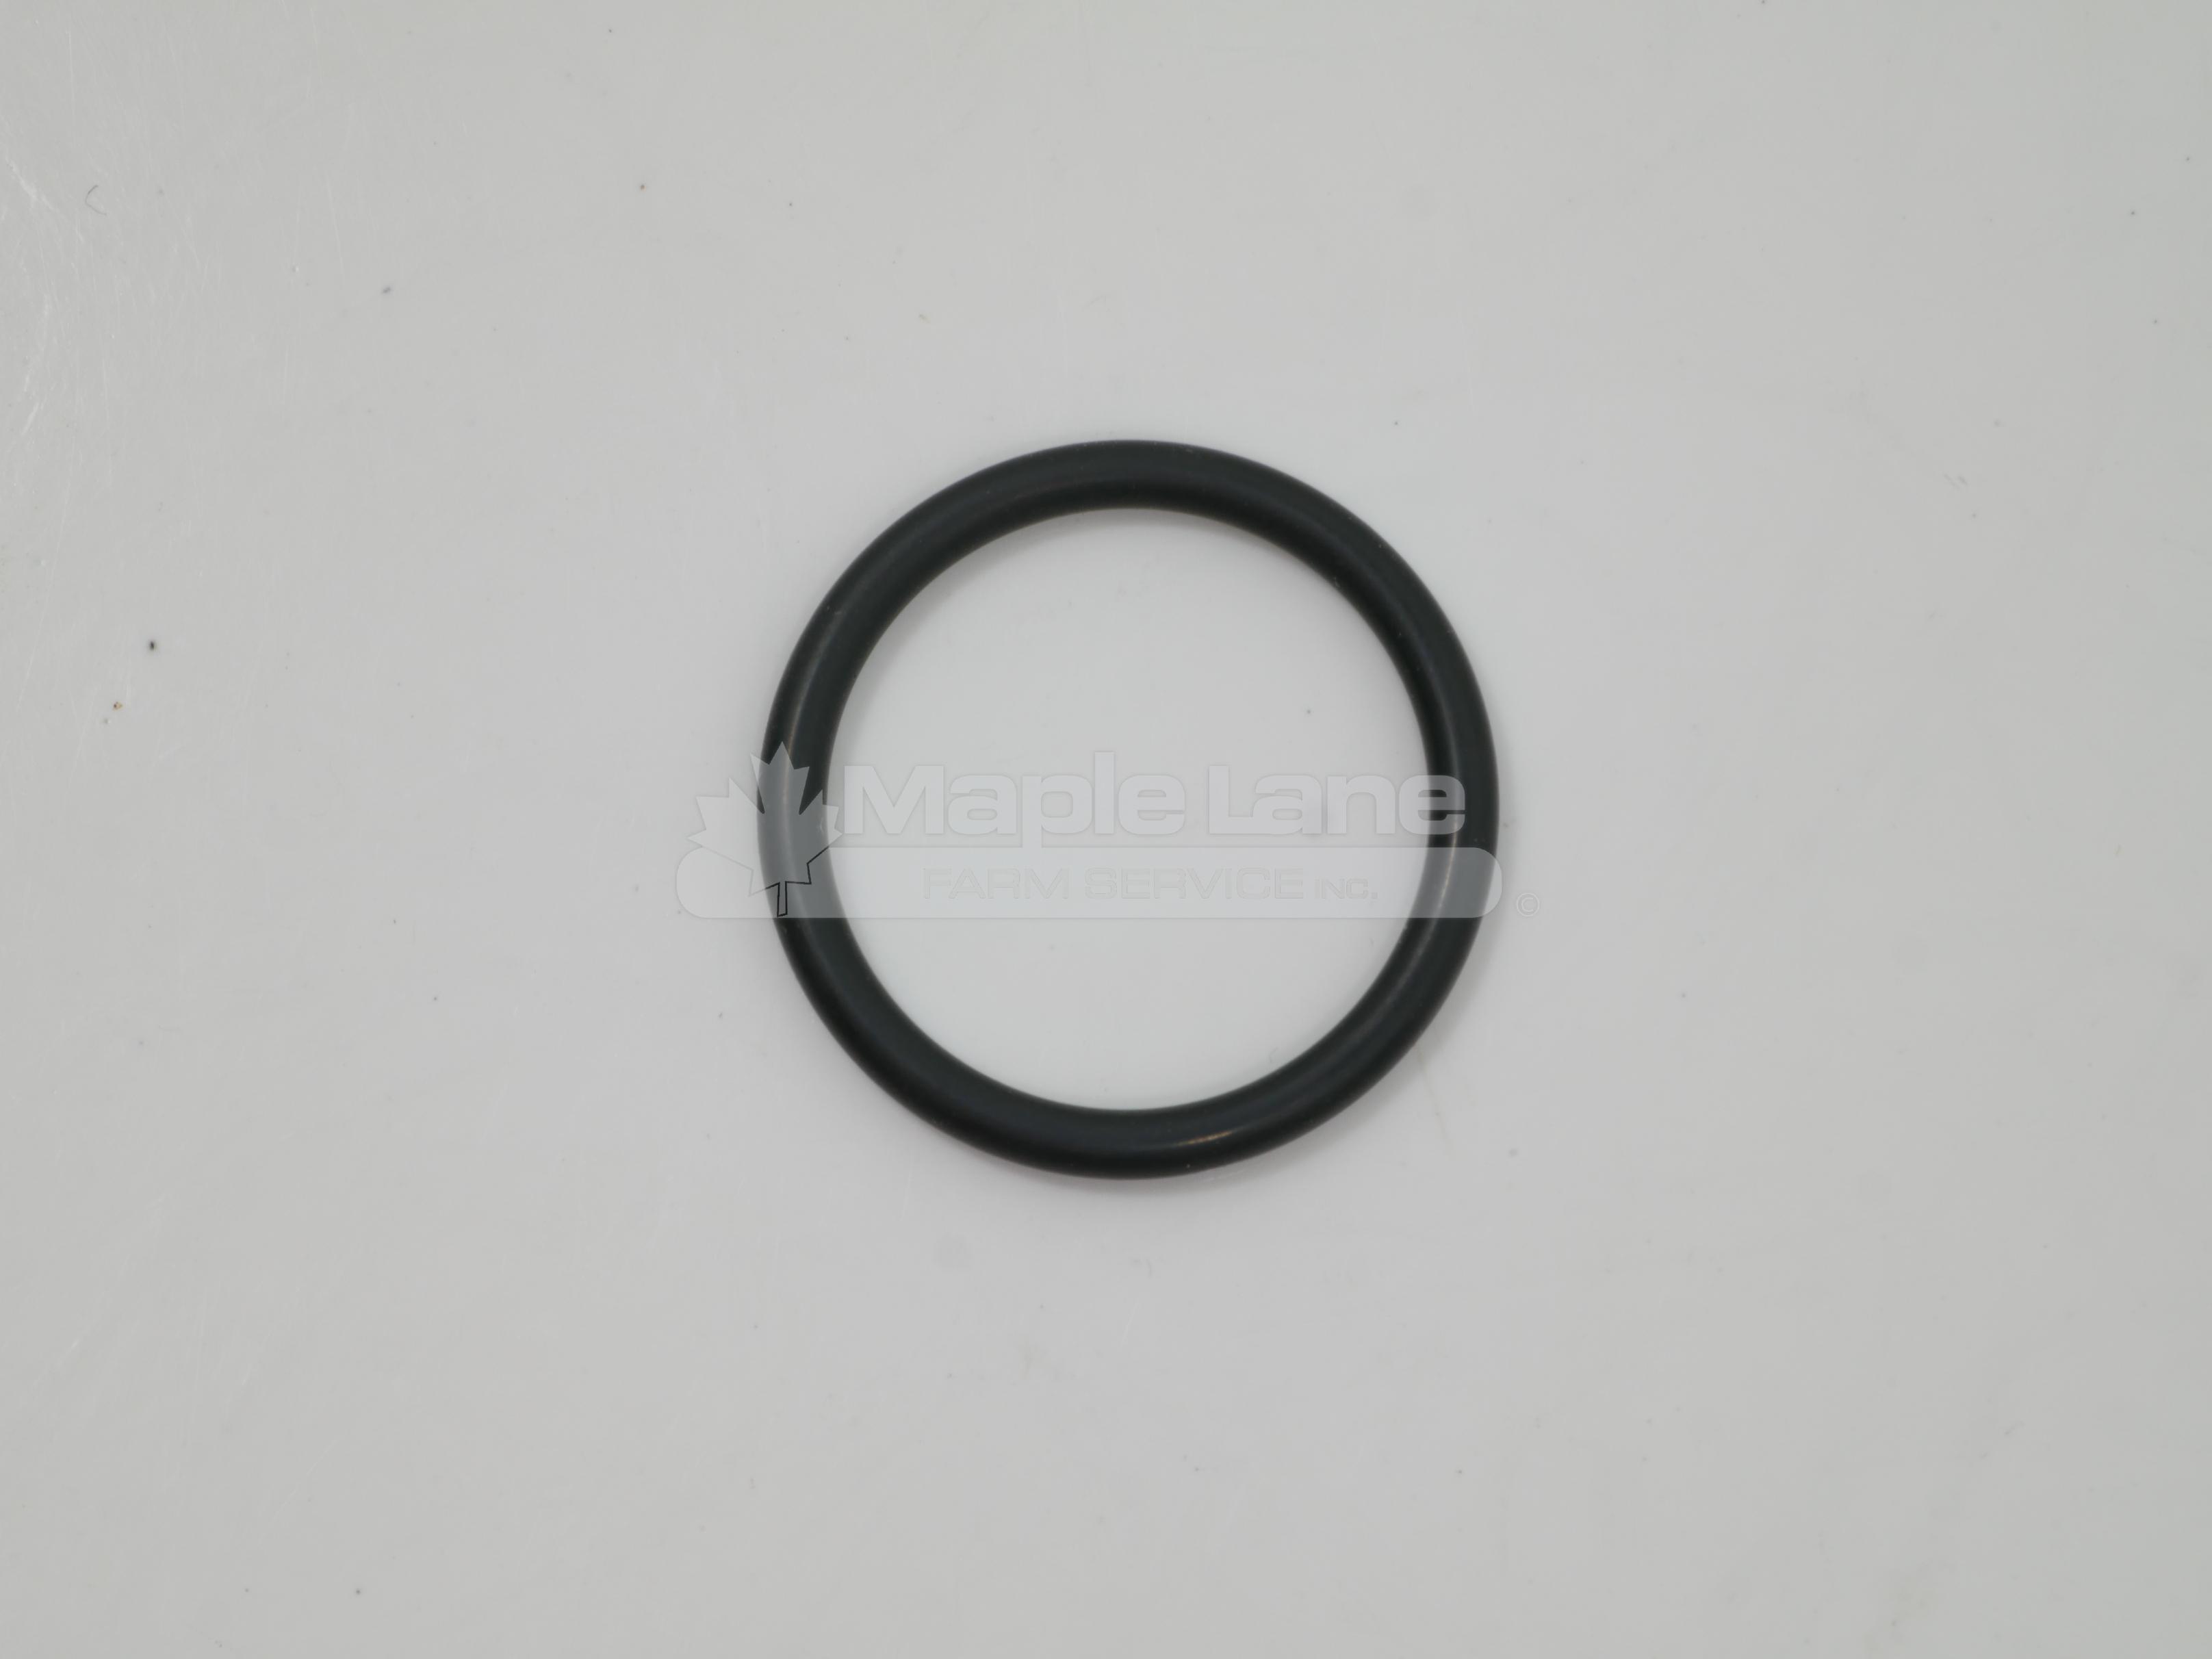 72313445 O-Ring 20.3 x 2.4